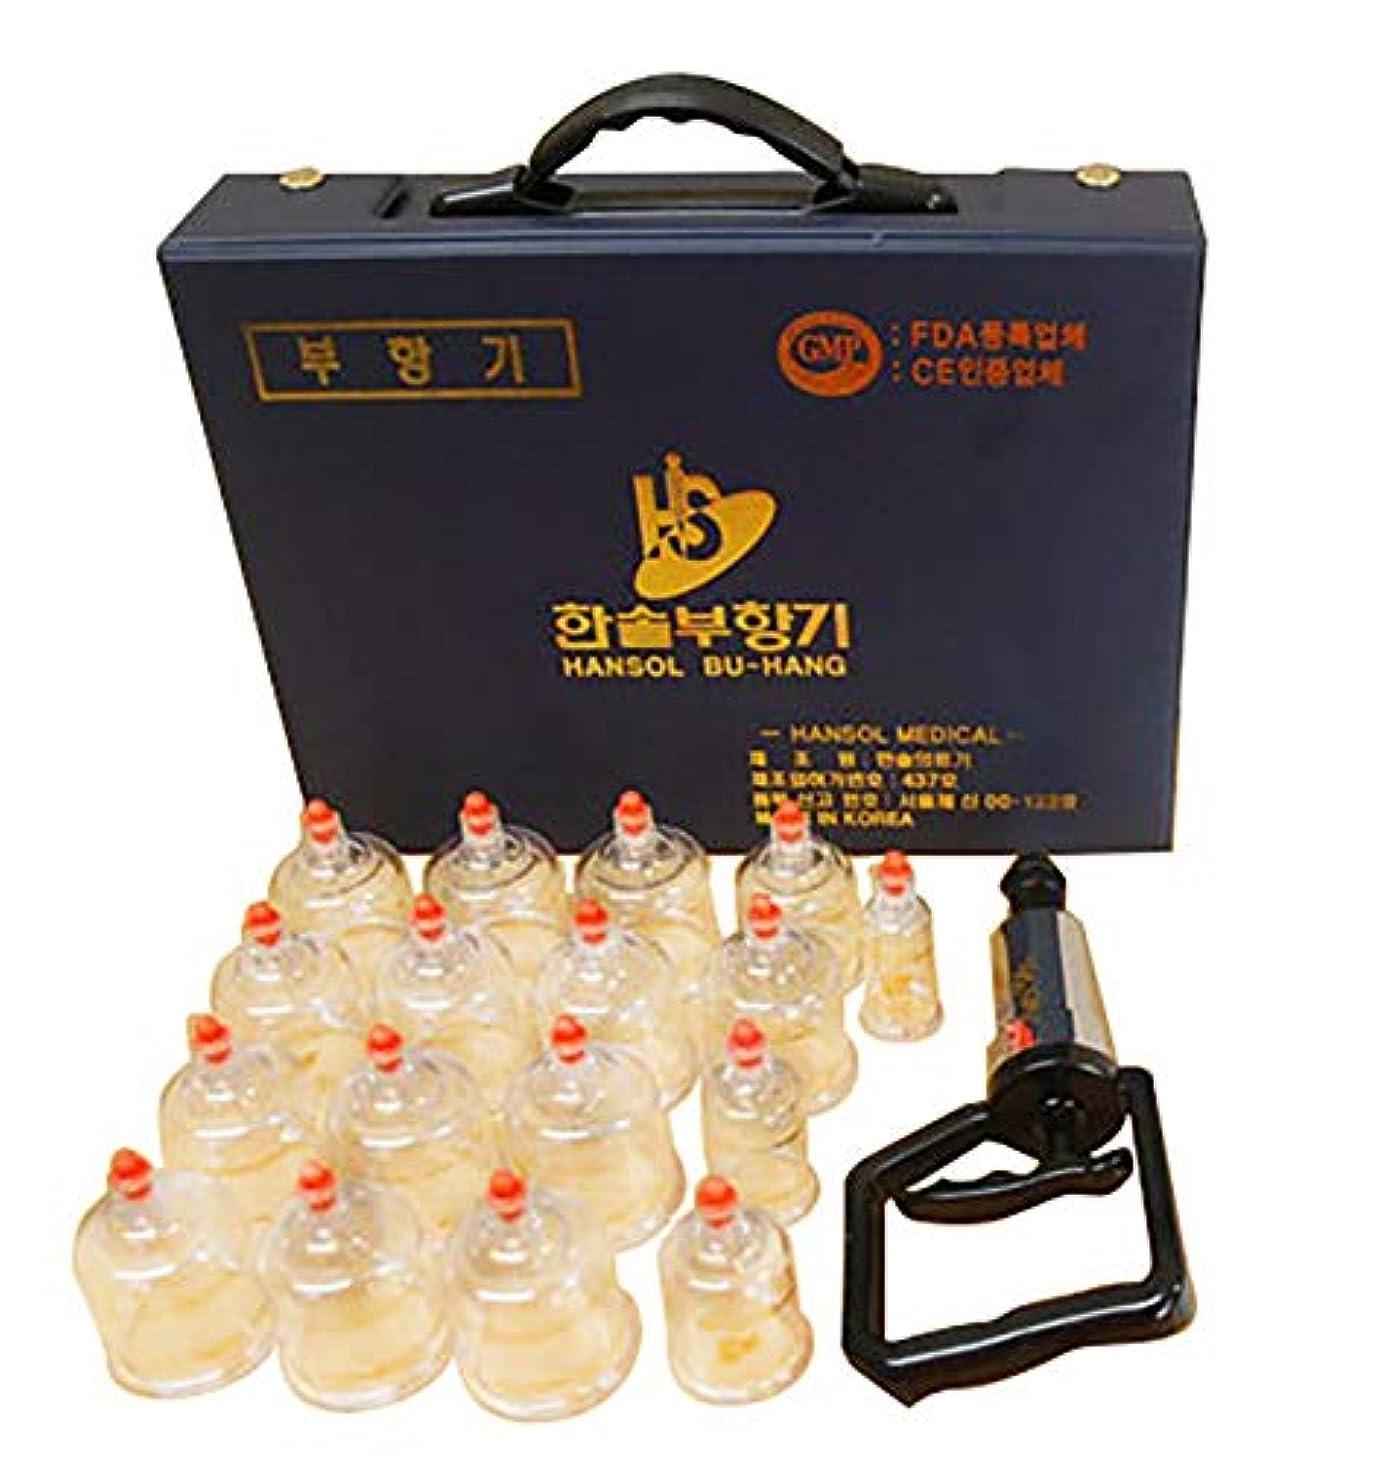 リスキーな絶妙スーツケース中国四千年の健康法「吸玉」がご家庭で手軽にできる!ハンソルメディカル ブハン カッピングカップ17個セット